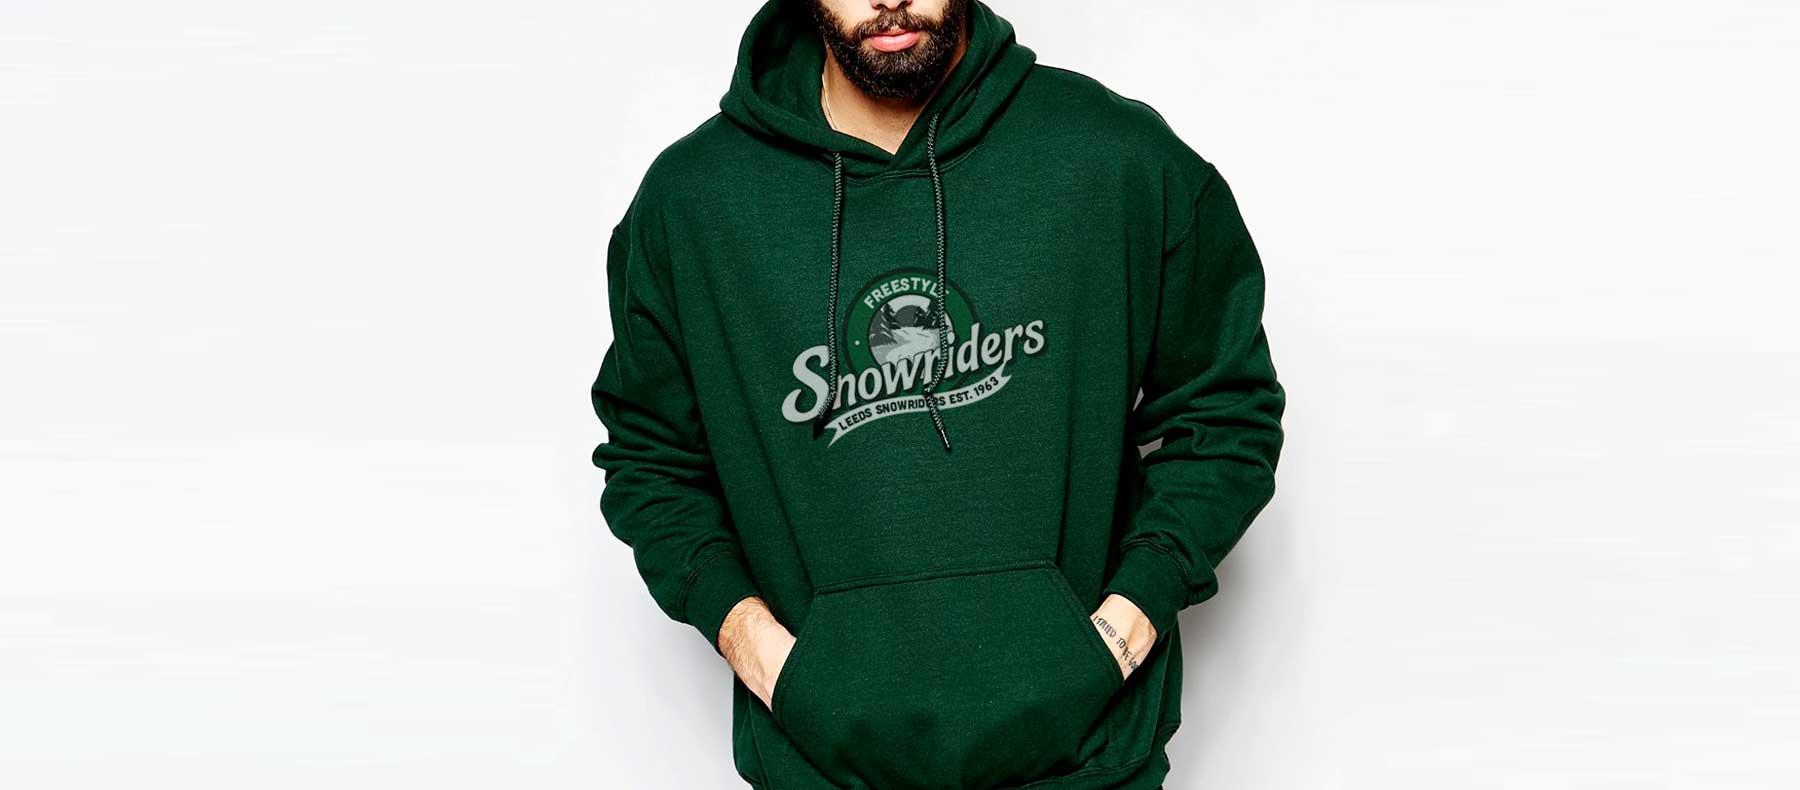 ls-hoodie-mock-up